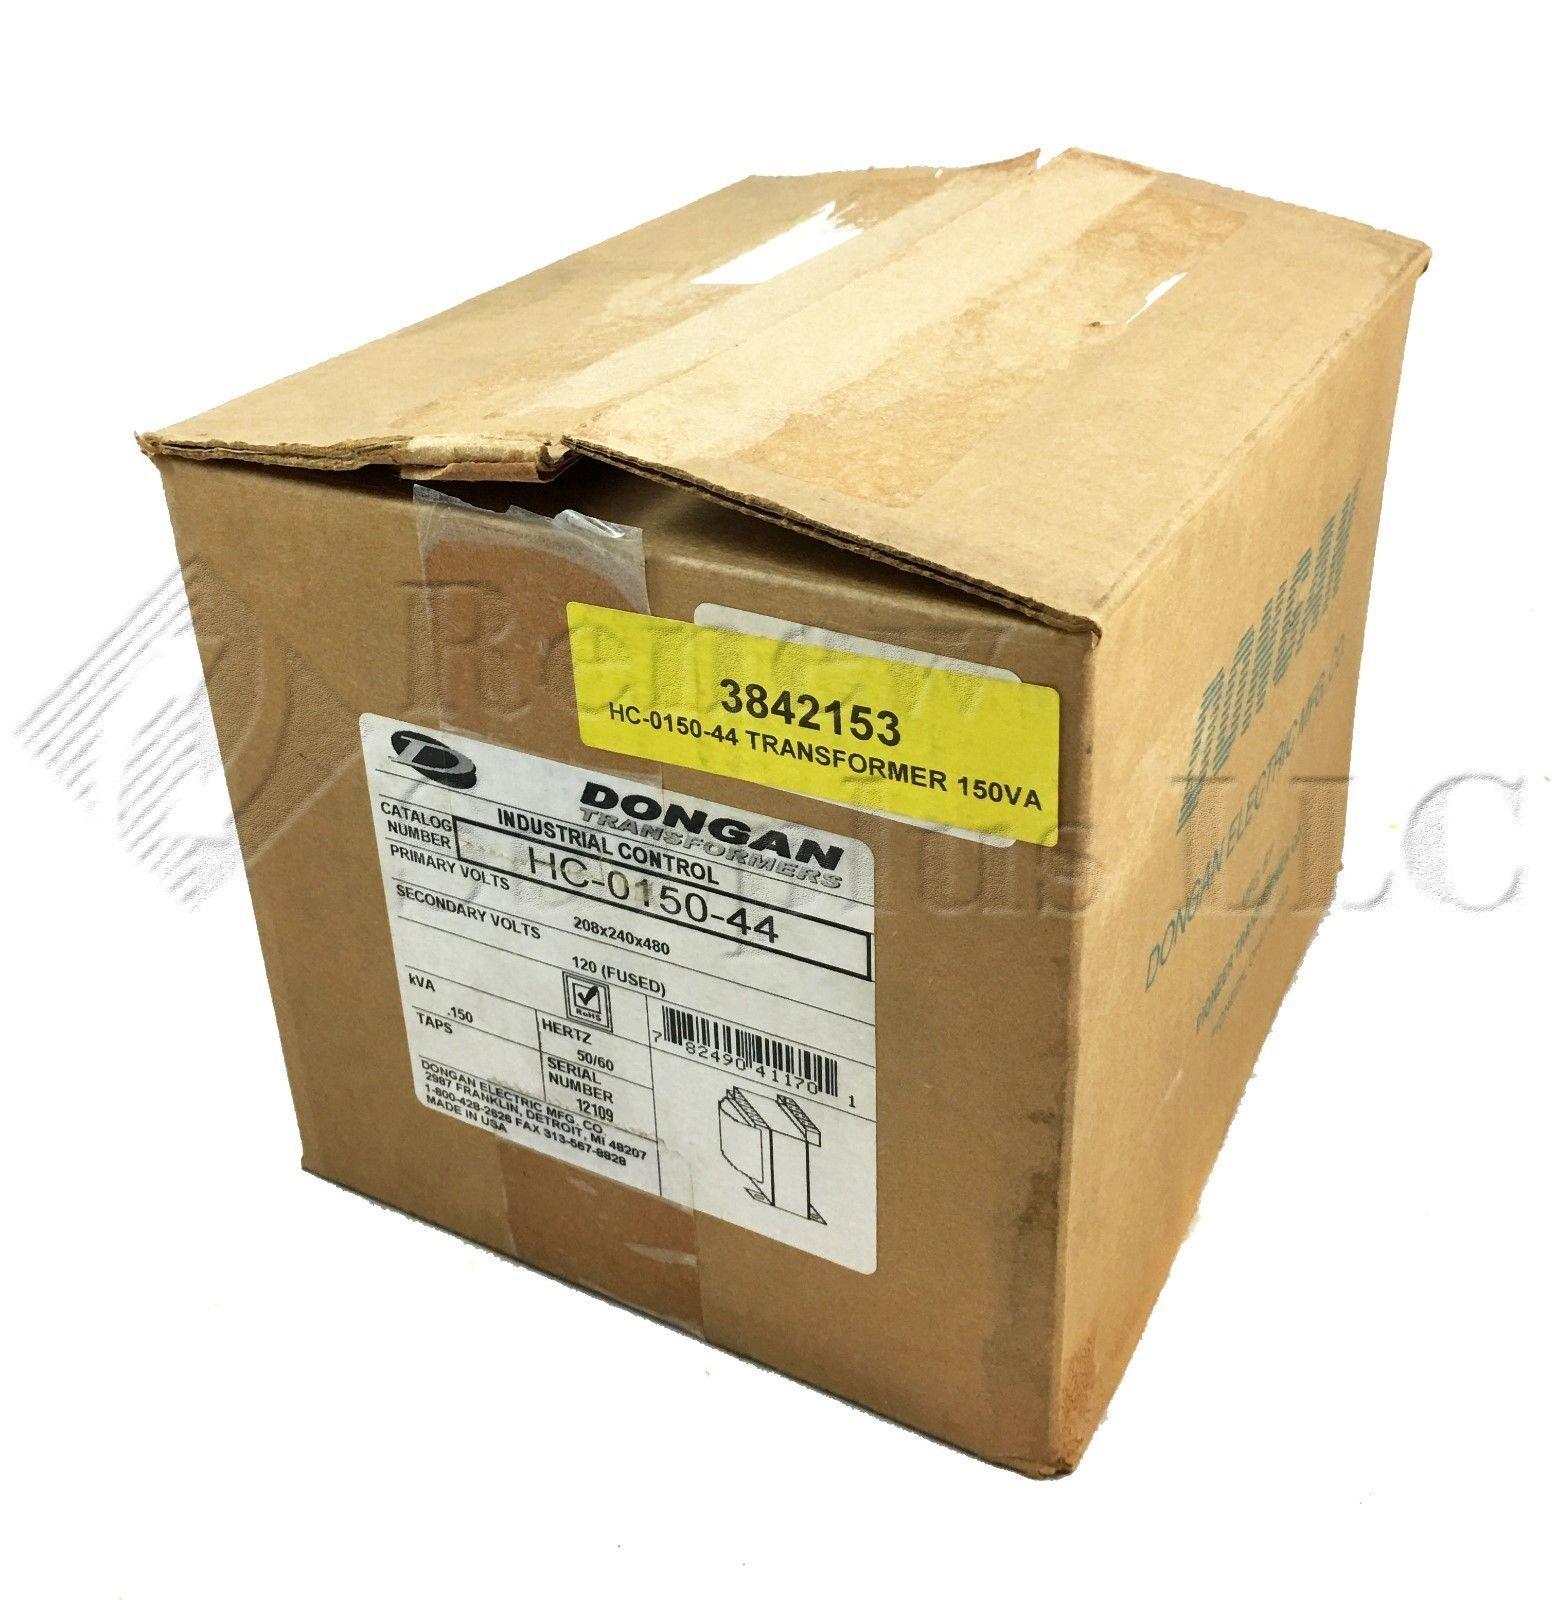 NEW IN BOX DONGAN HC-0150-44 Transformer .150kVA - $68.59